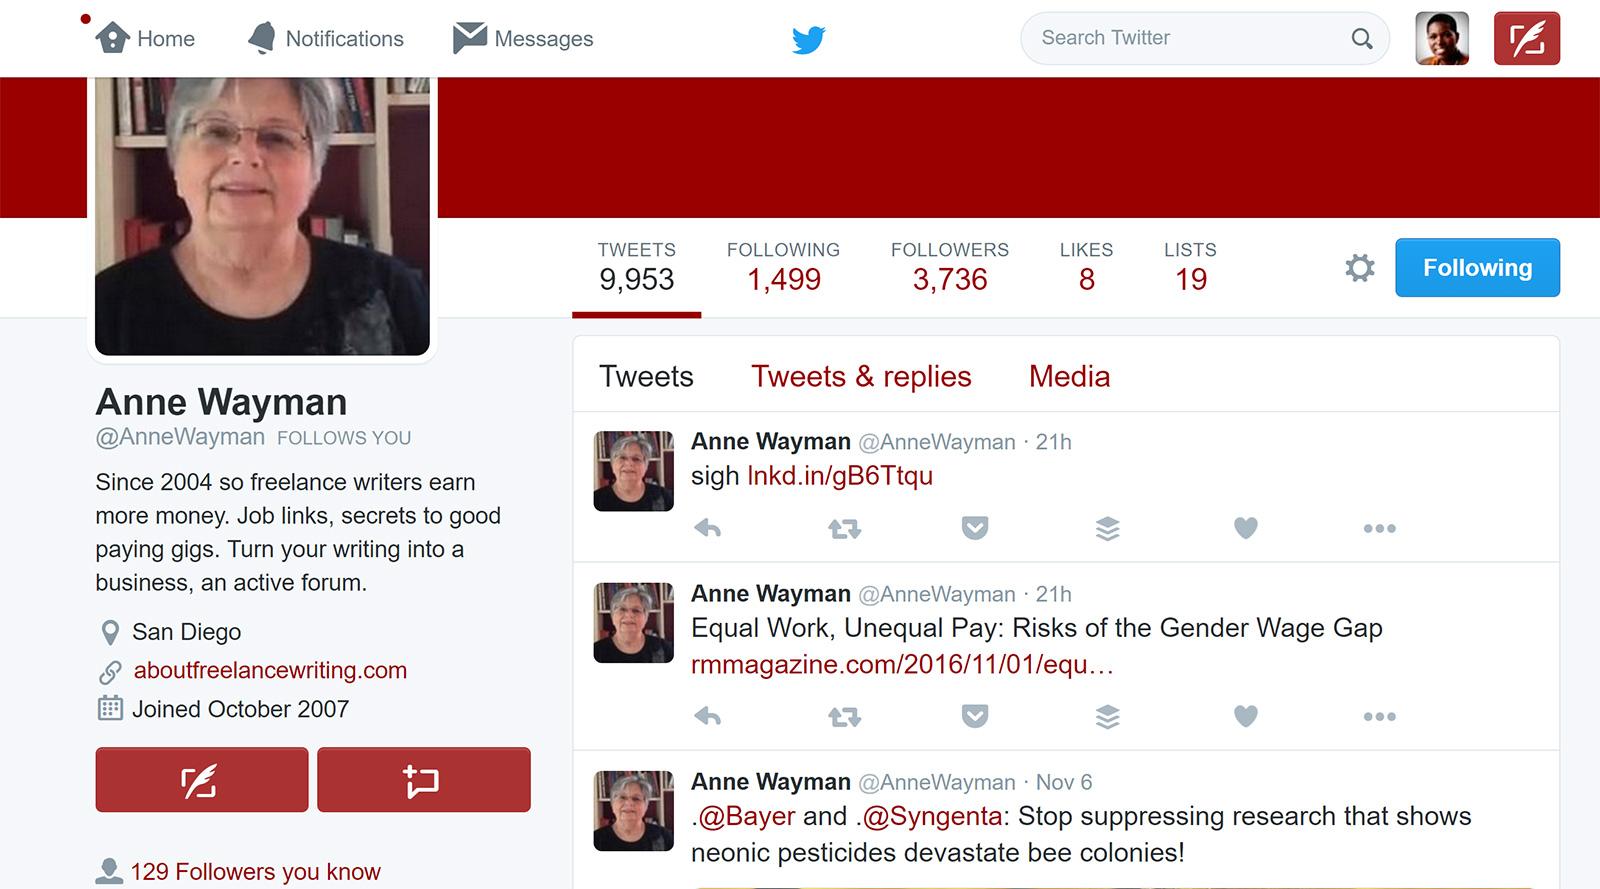 Anne Wayman send message